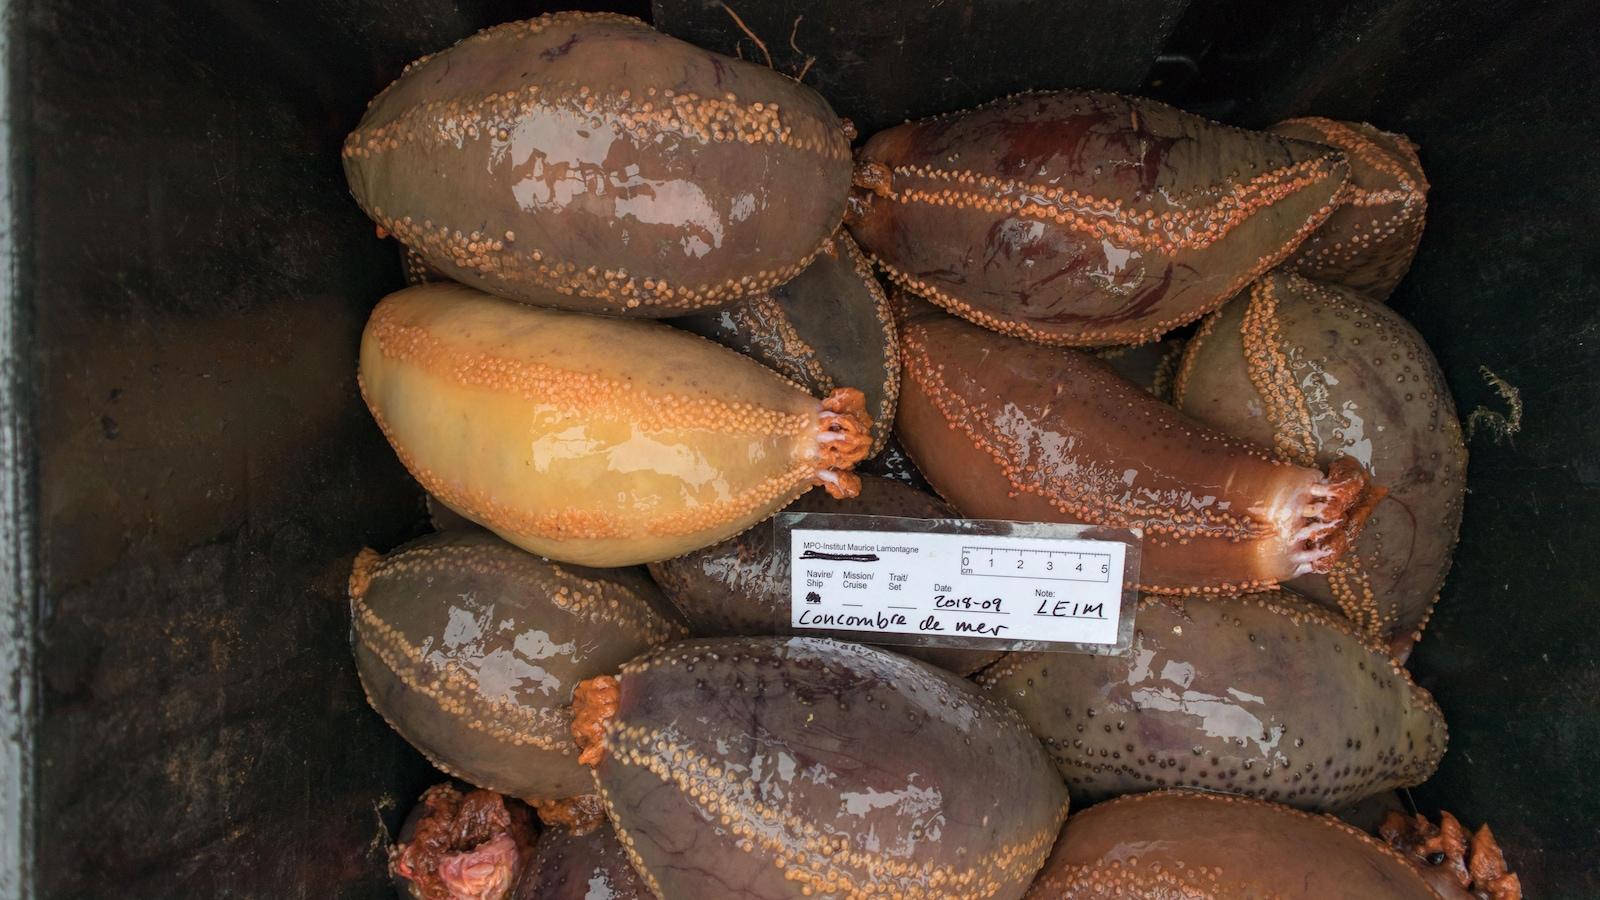 Des chercheurs évaluent les stocks de concombre de mer pour la première fois.